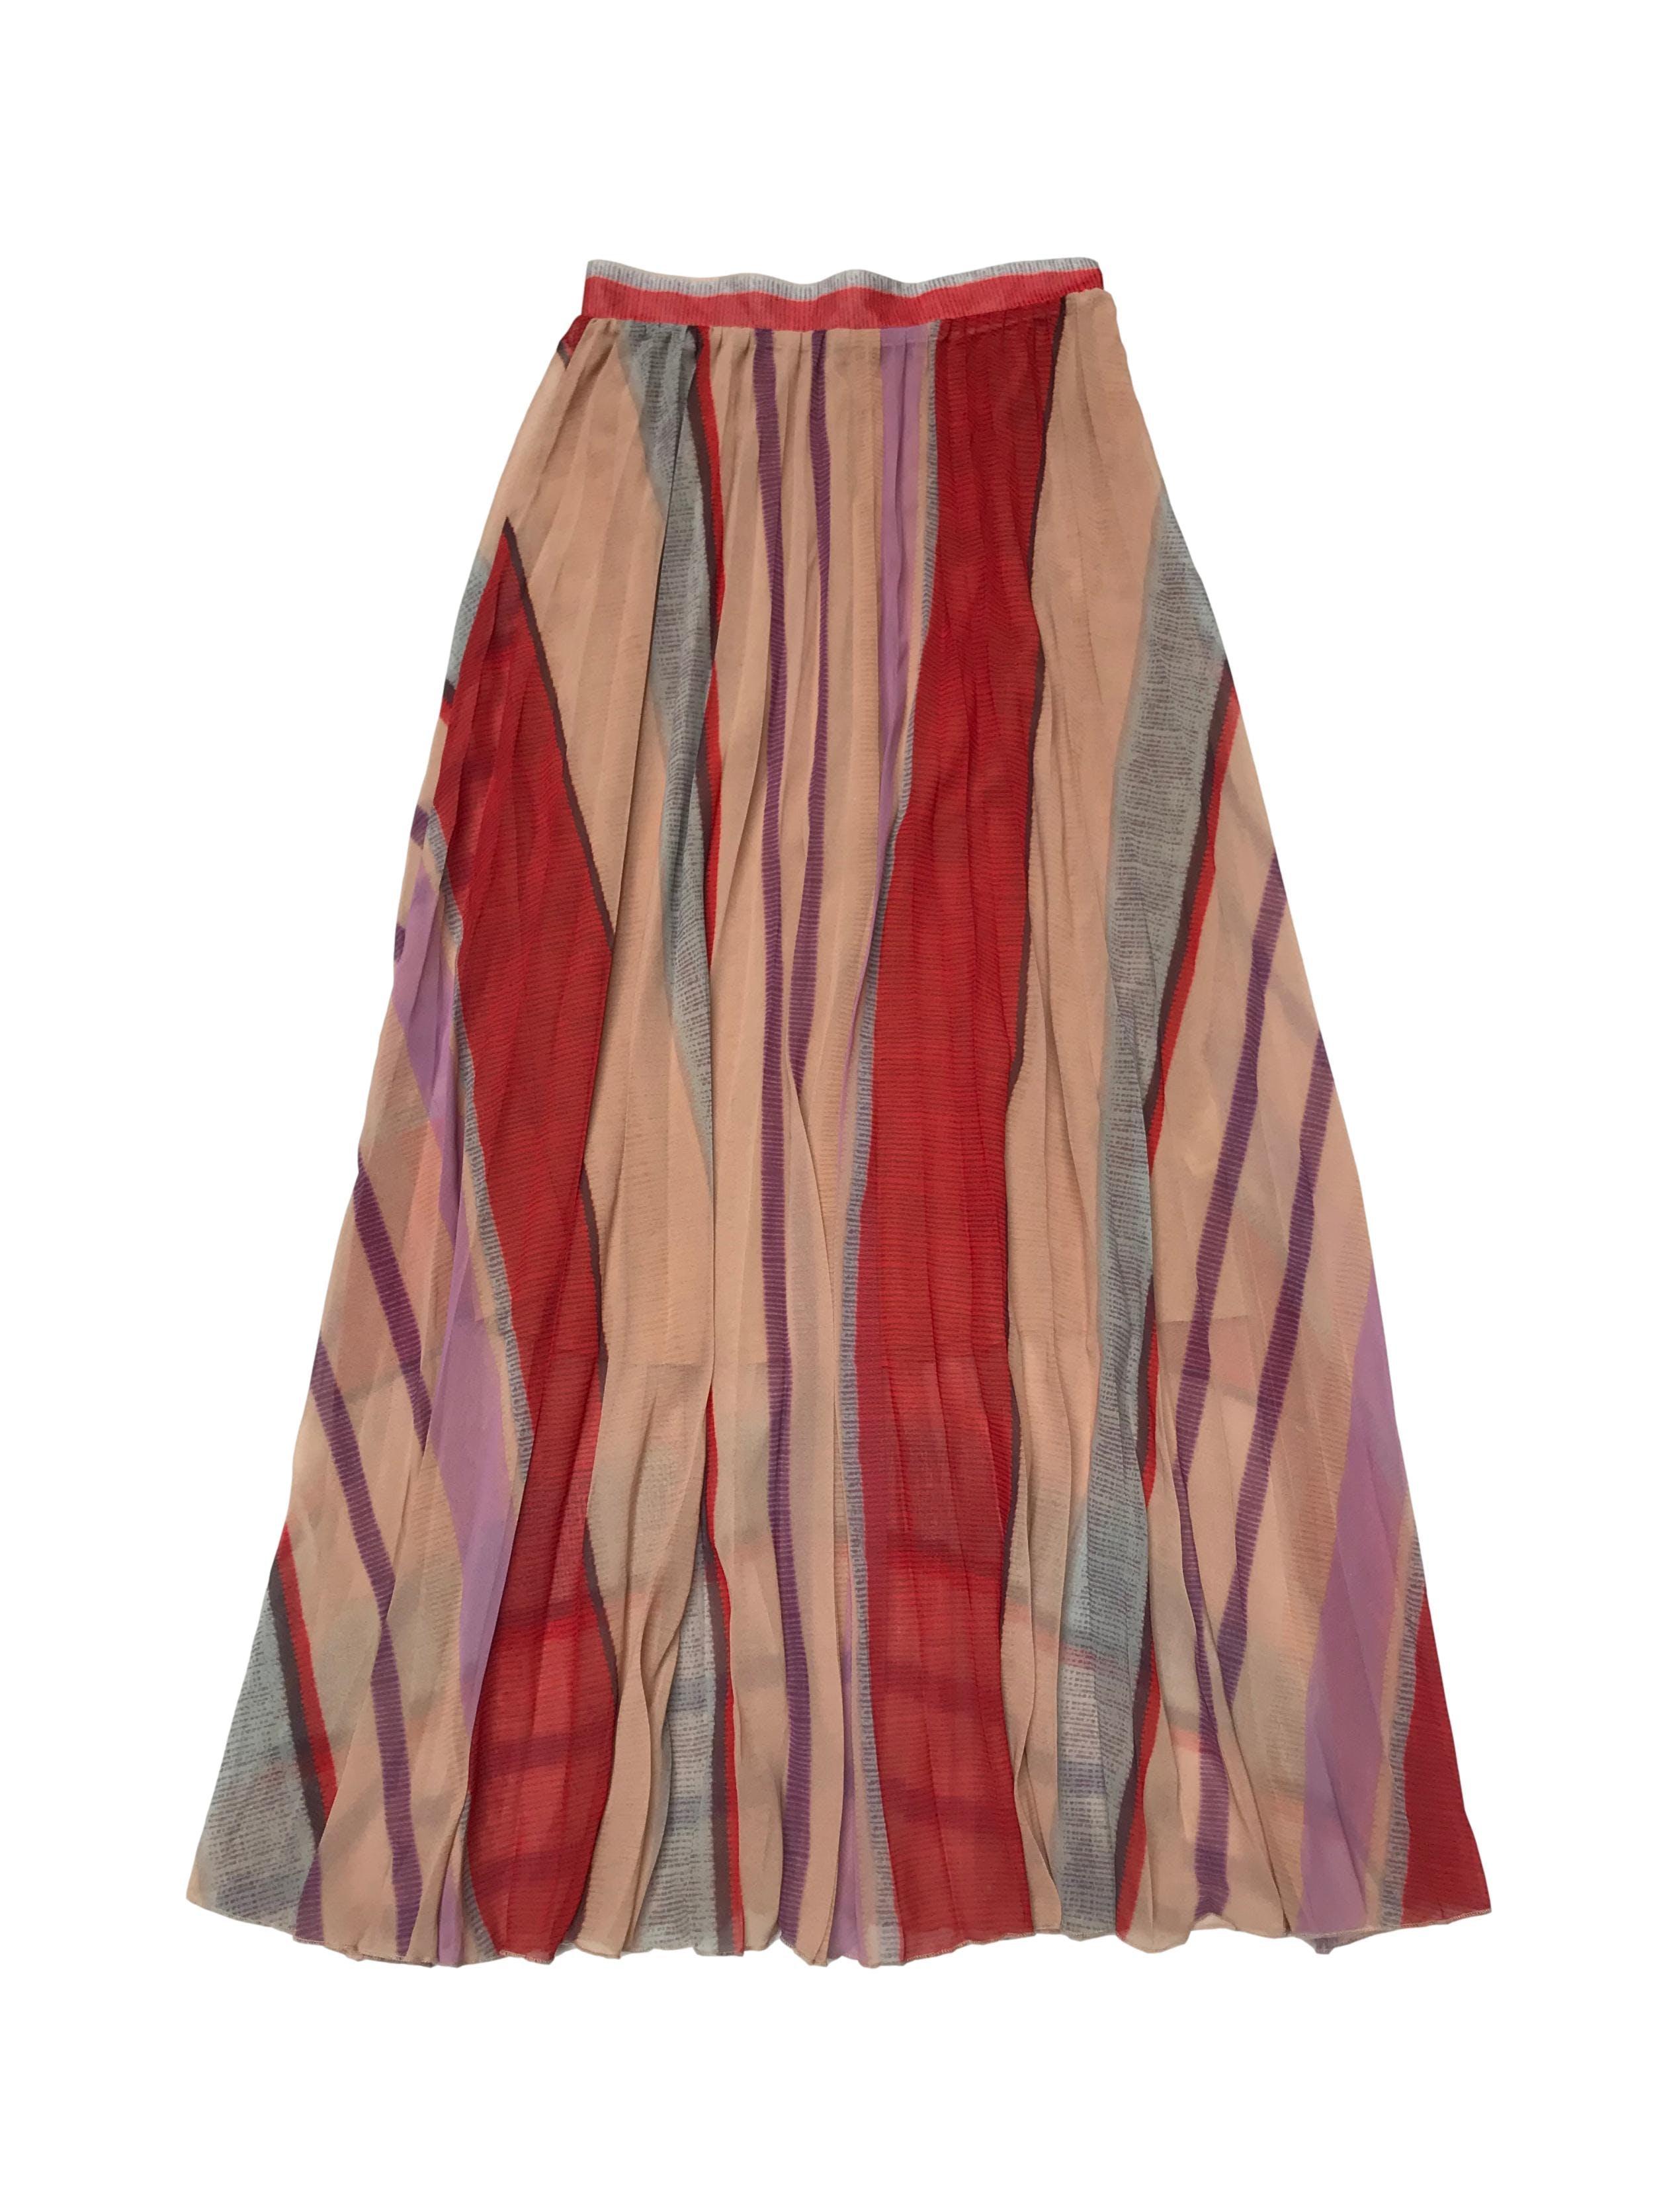 Falda H&M larga plisada, lleva forro, cierre y botón lateral. Cintura 70cm Largo 102cm